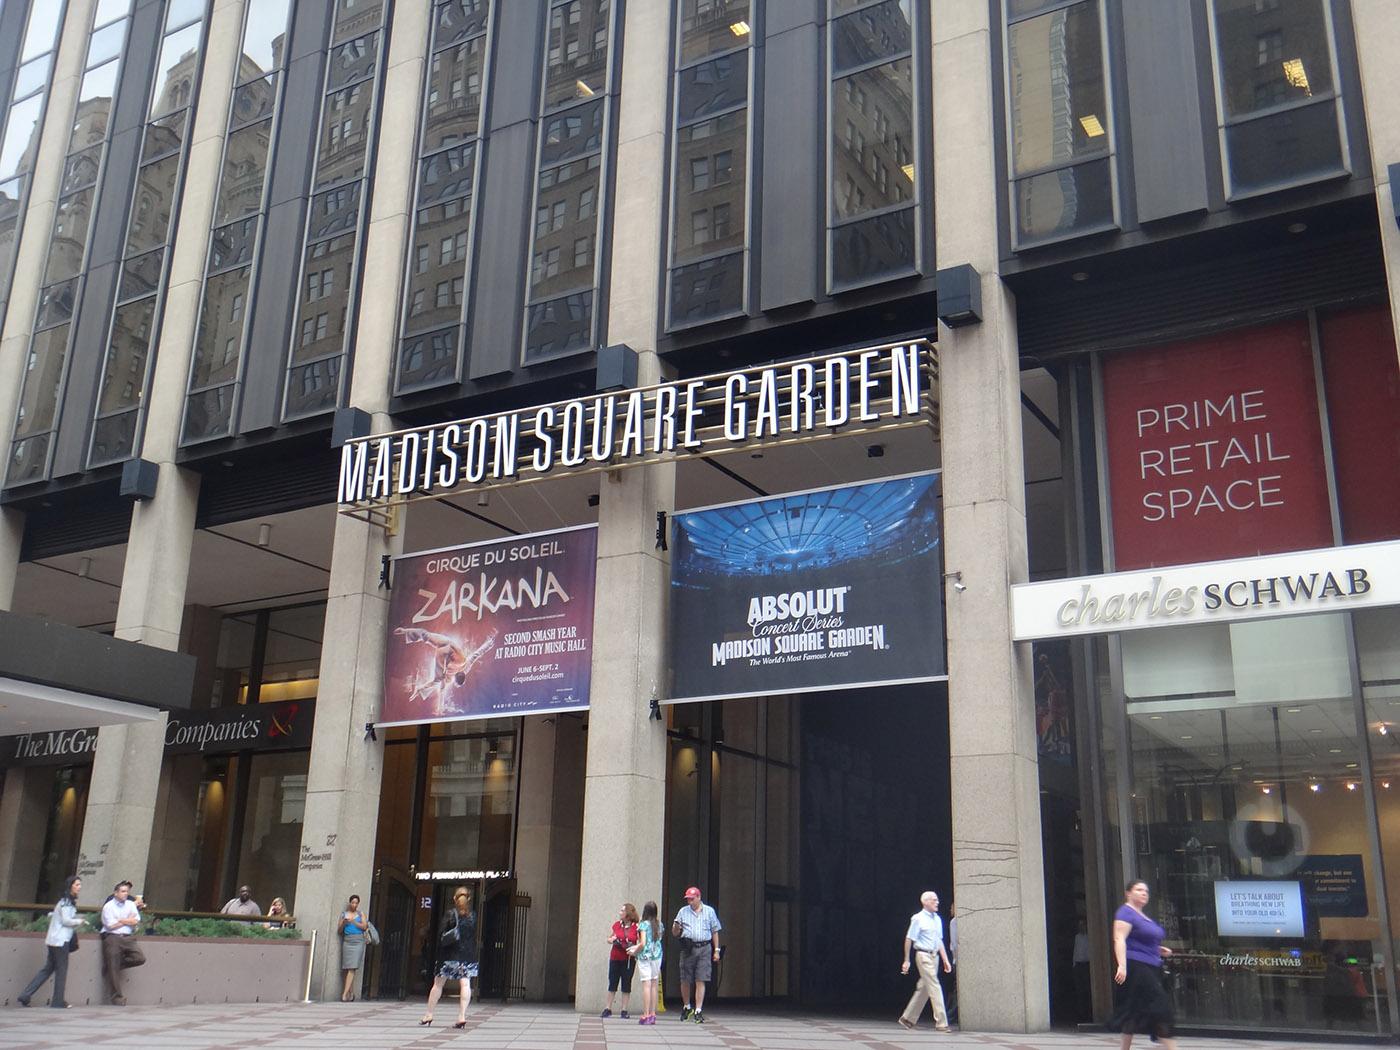 préparer votre voyage à New York et réservez en avance vos places au Madison Square Garden